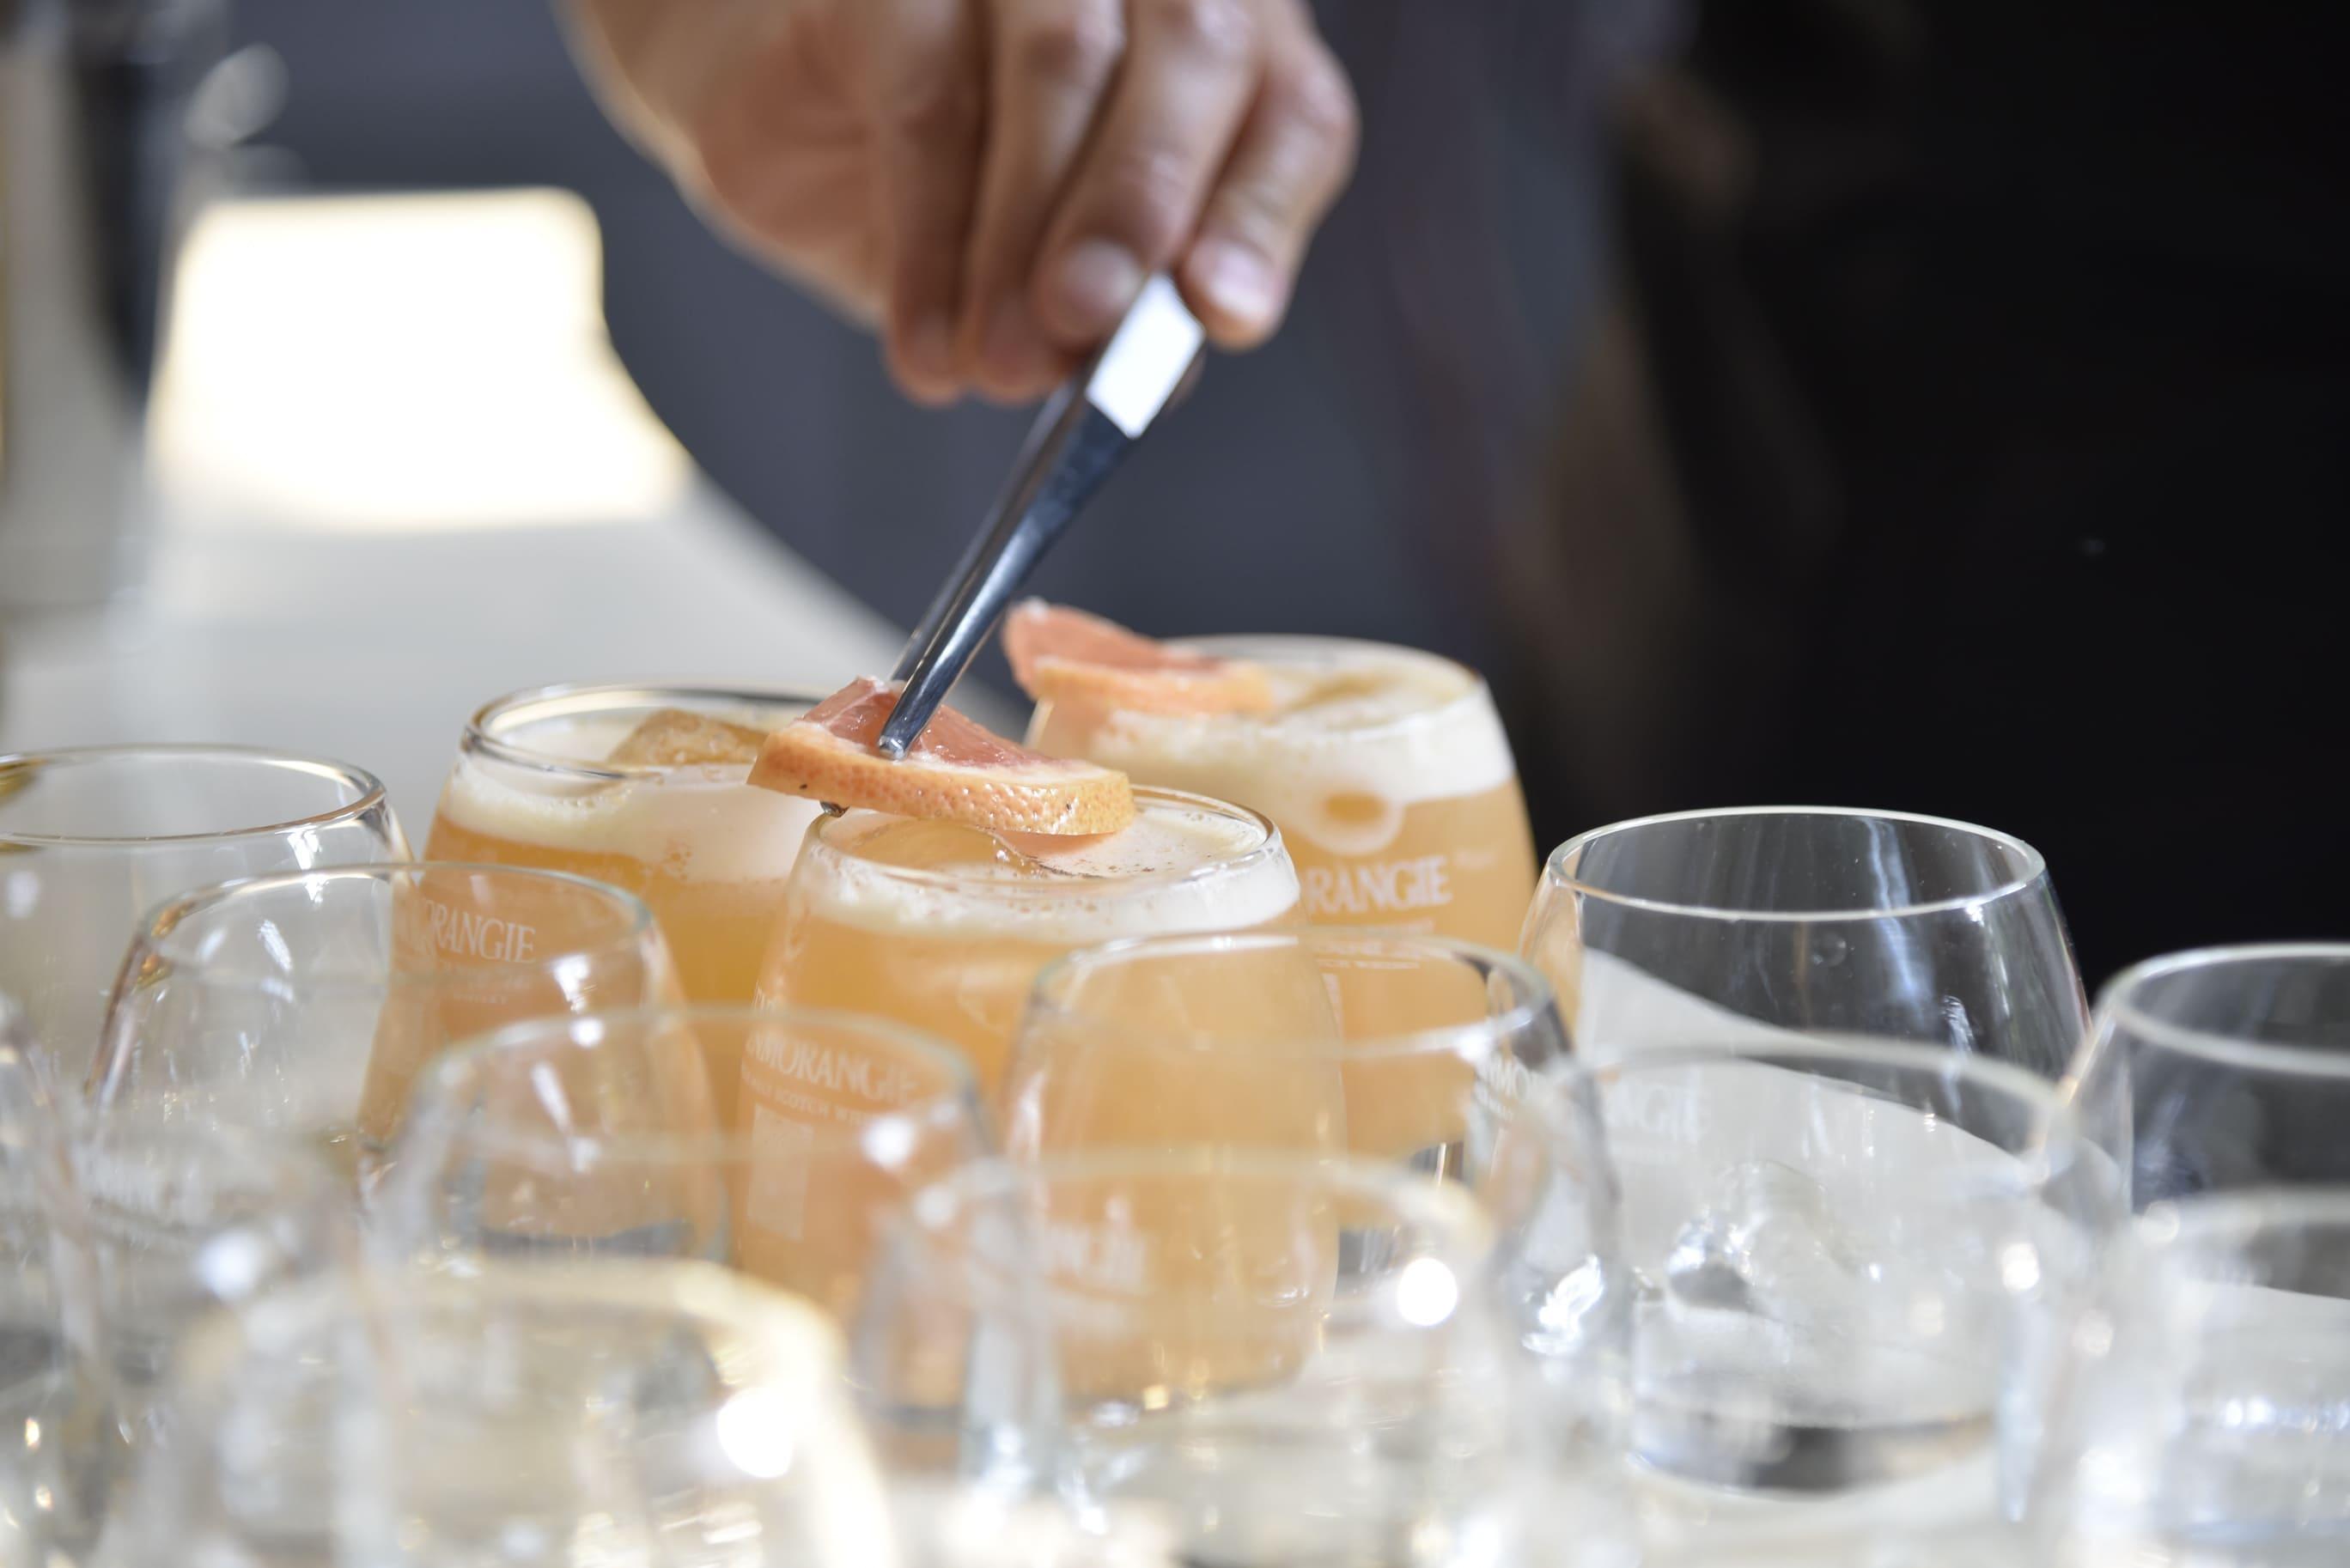 preparación de la copa con whisky